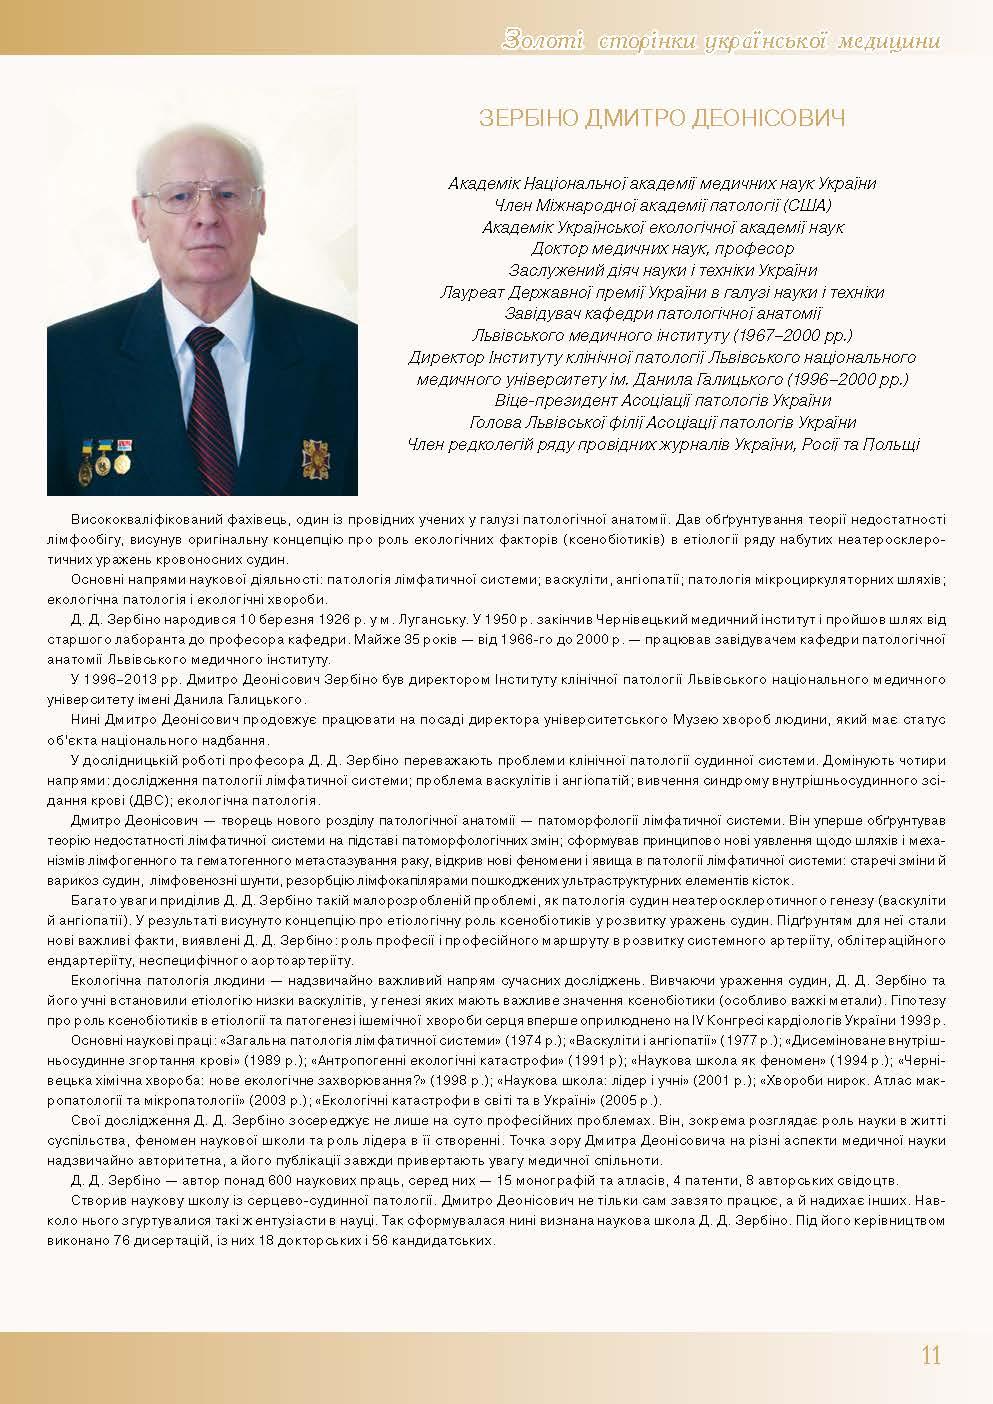 Зербіно Дмитро Деонісович